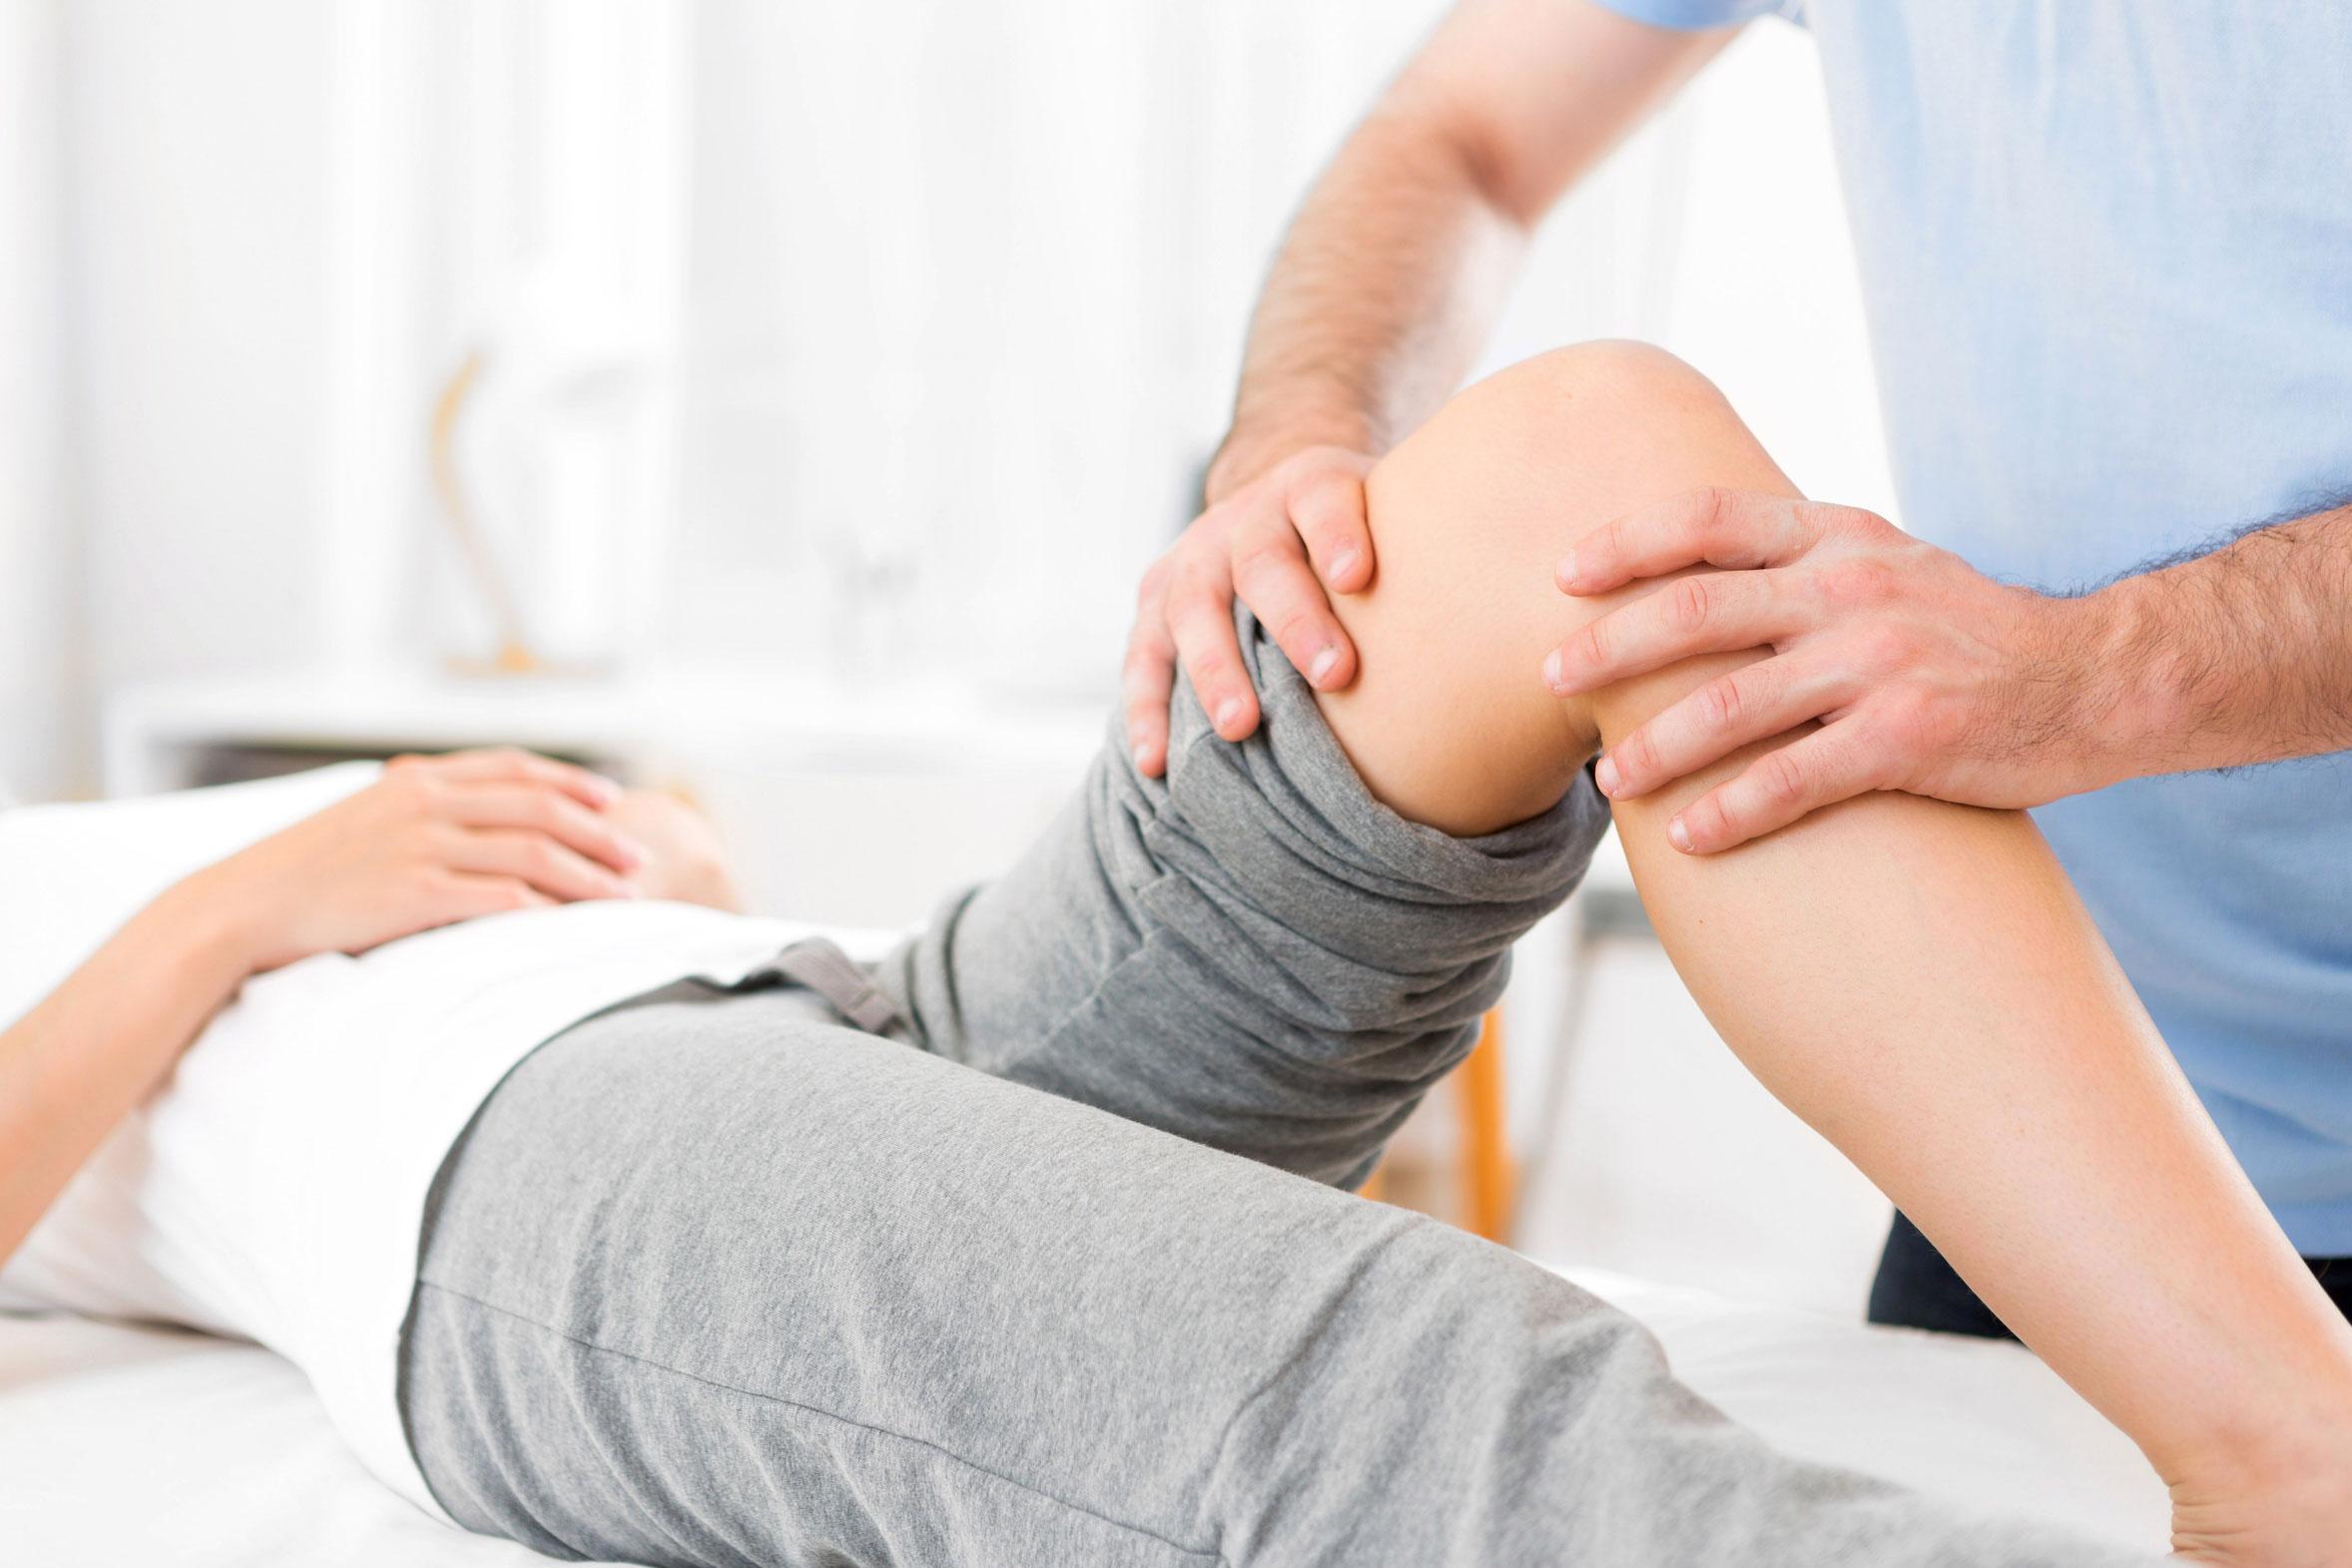 Déroulement d'une séance de physiothérapie